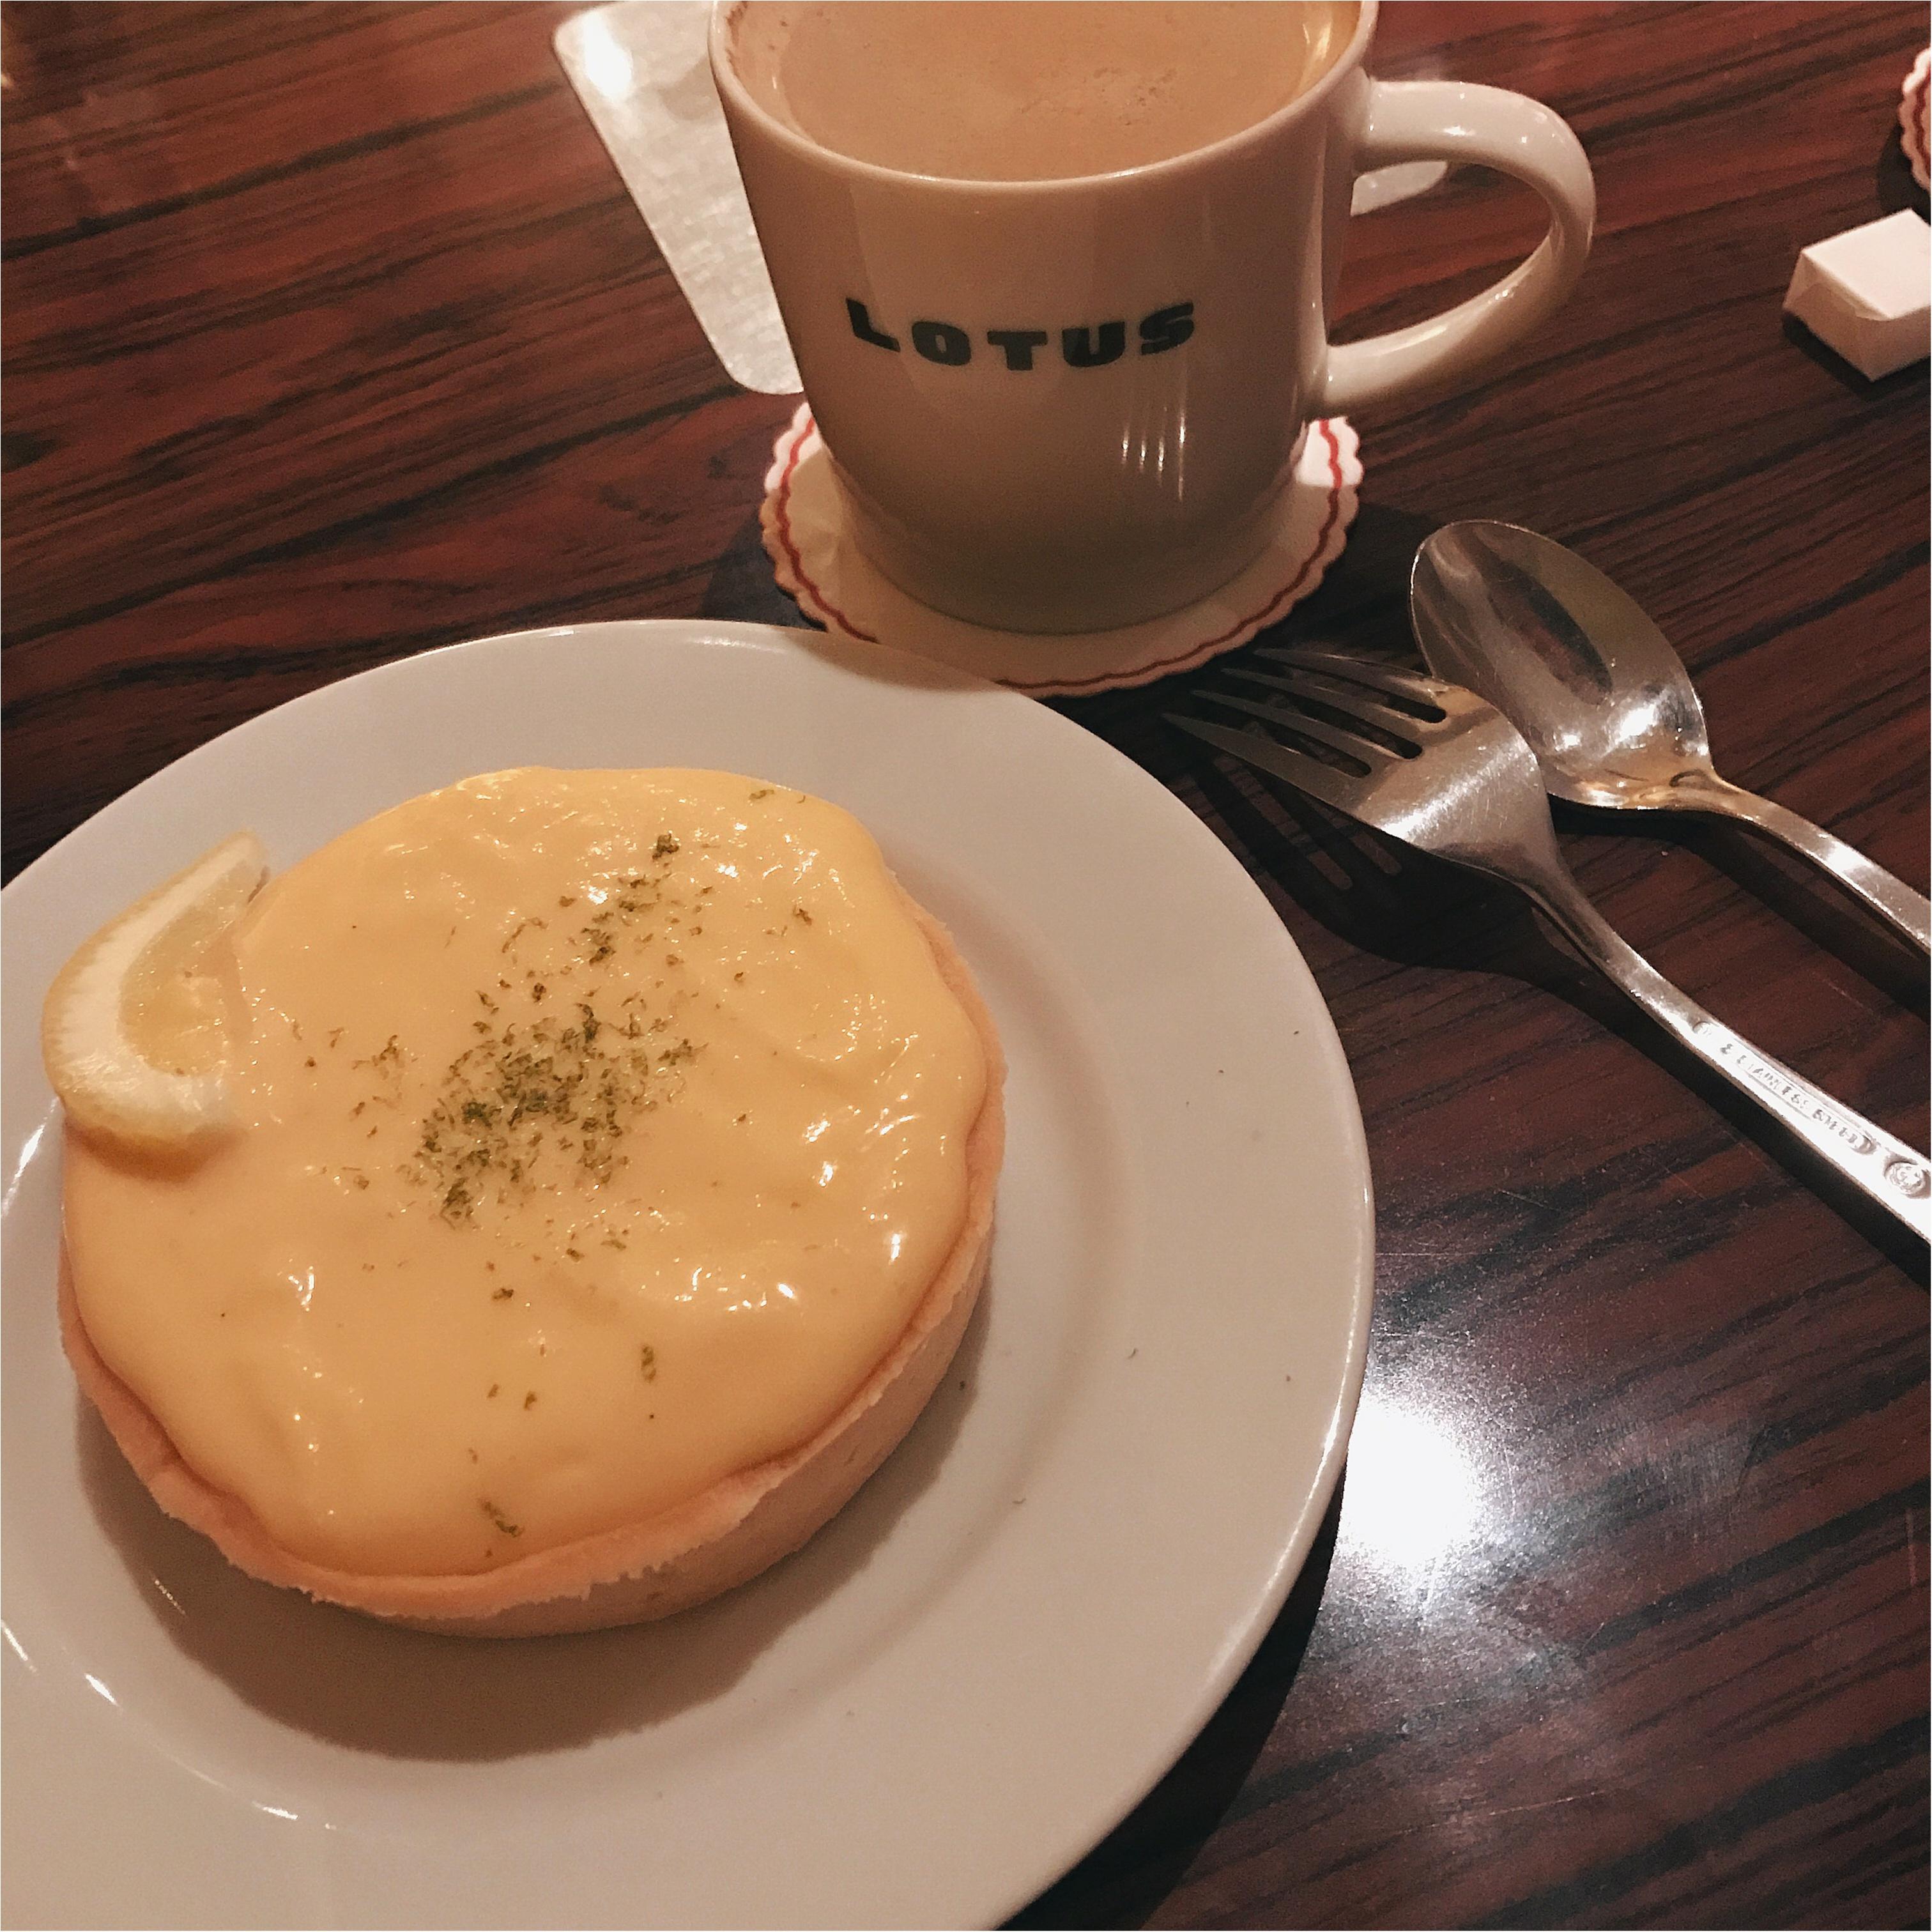 《夜カフェのススメ!》表参道のオシャレなカフェでオシャレな夜を・:*+._2